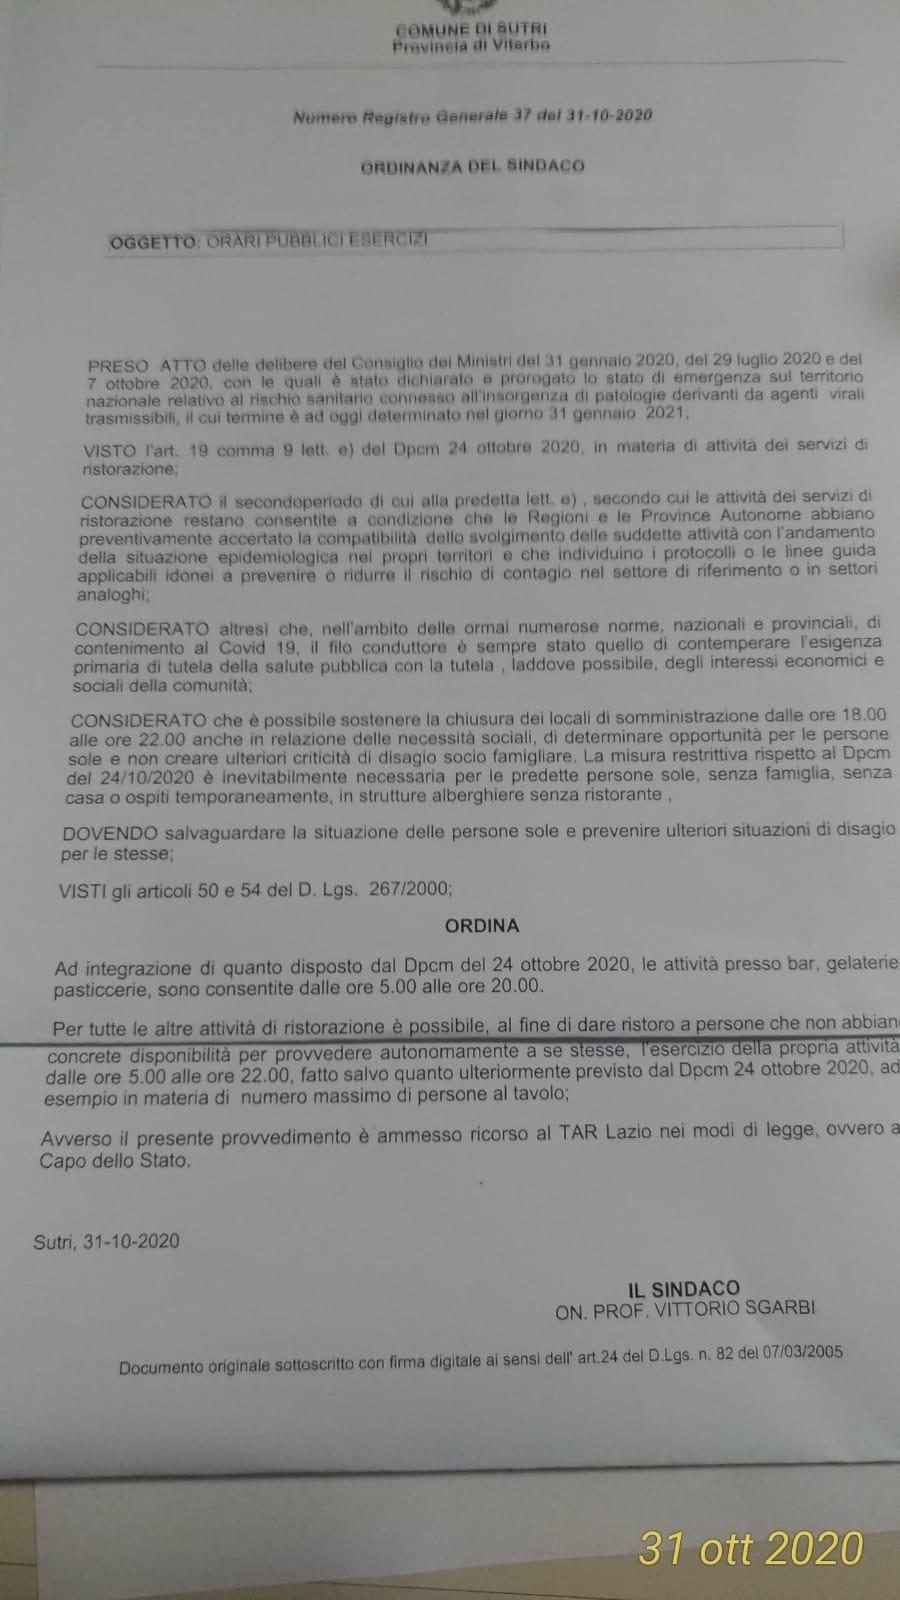 """Sutri, Ordinanza commercio, """"Sgarbi non può giocare con il lavoro e la salute dei cittadini"""", CCSS scrive alle istituzioni"""